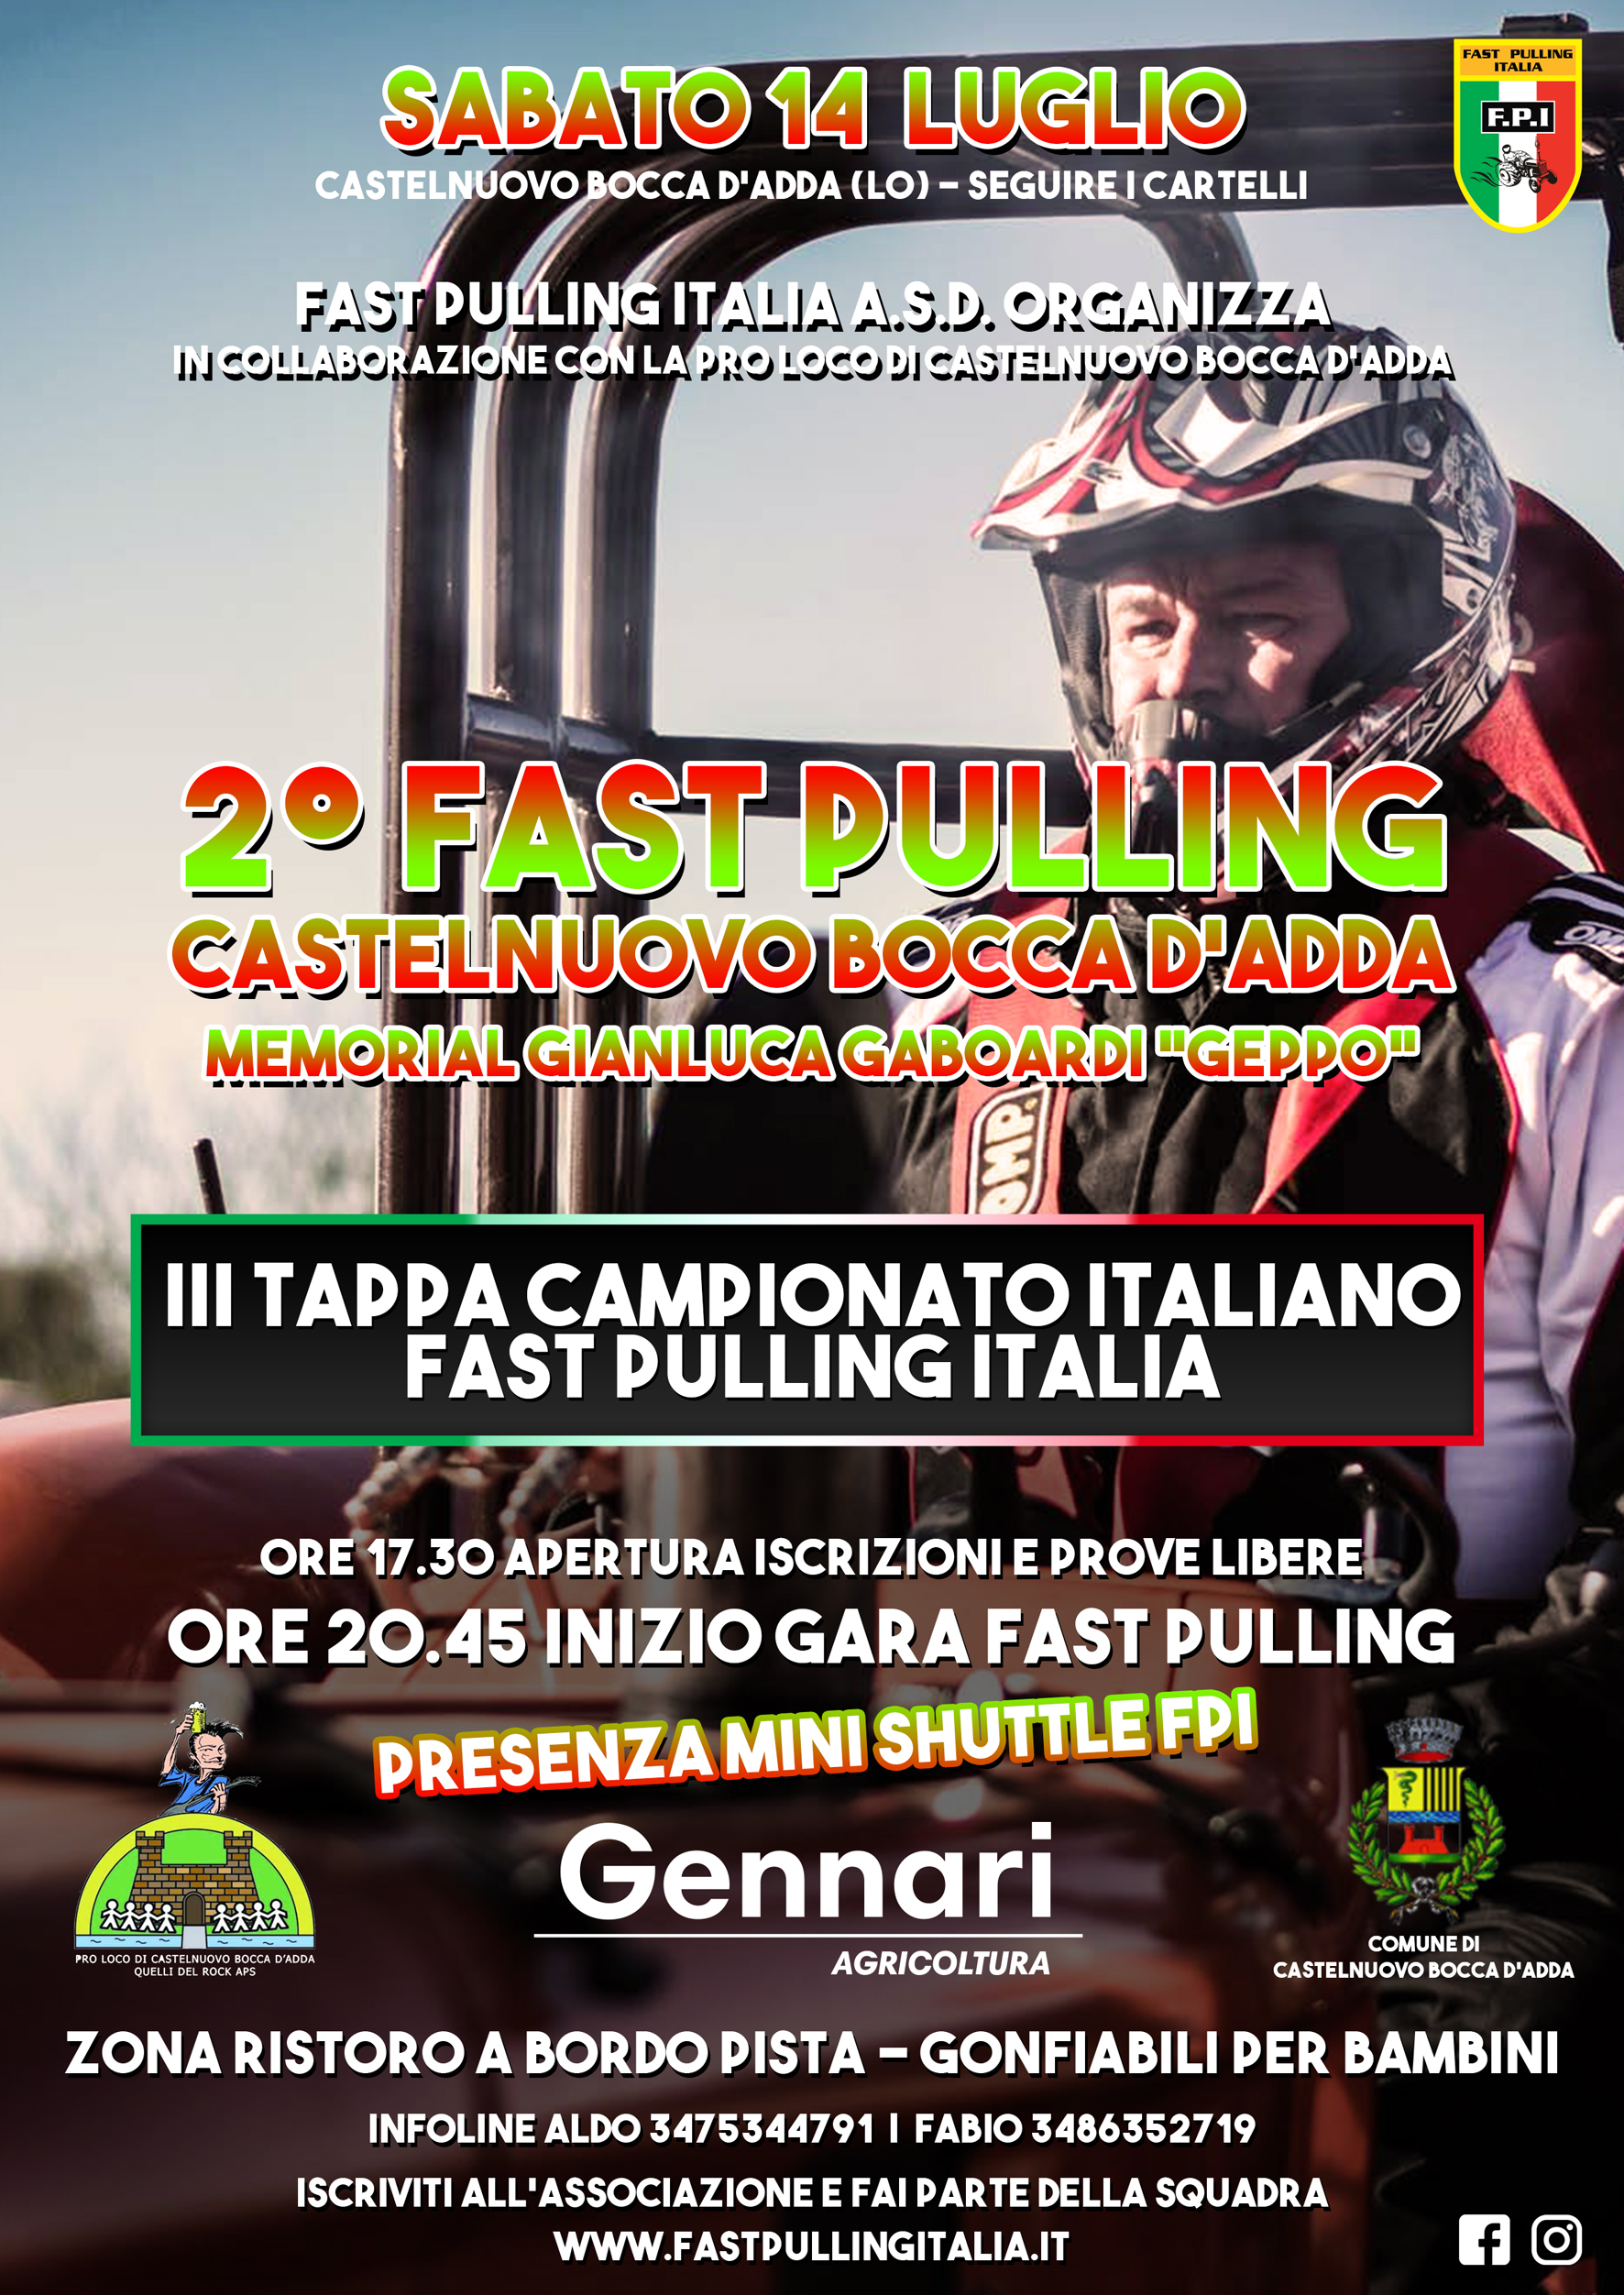 FAST PULLING CASTELNUOVO BOCCA D'ADDA (LO) - III TAPPA DI CAMPIONATO